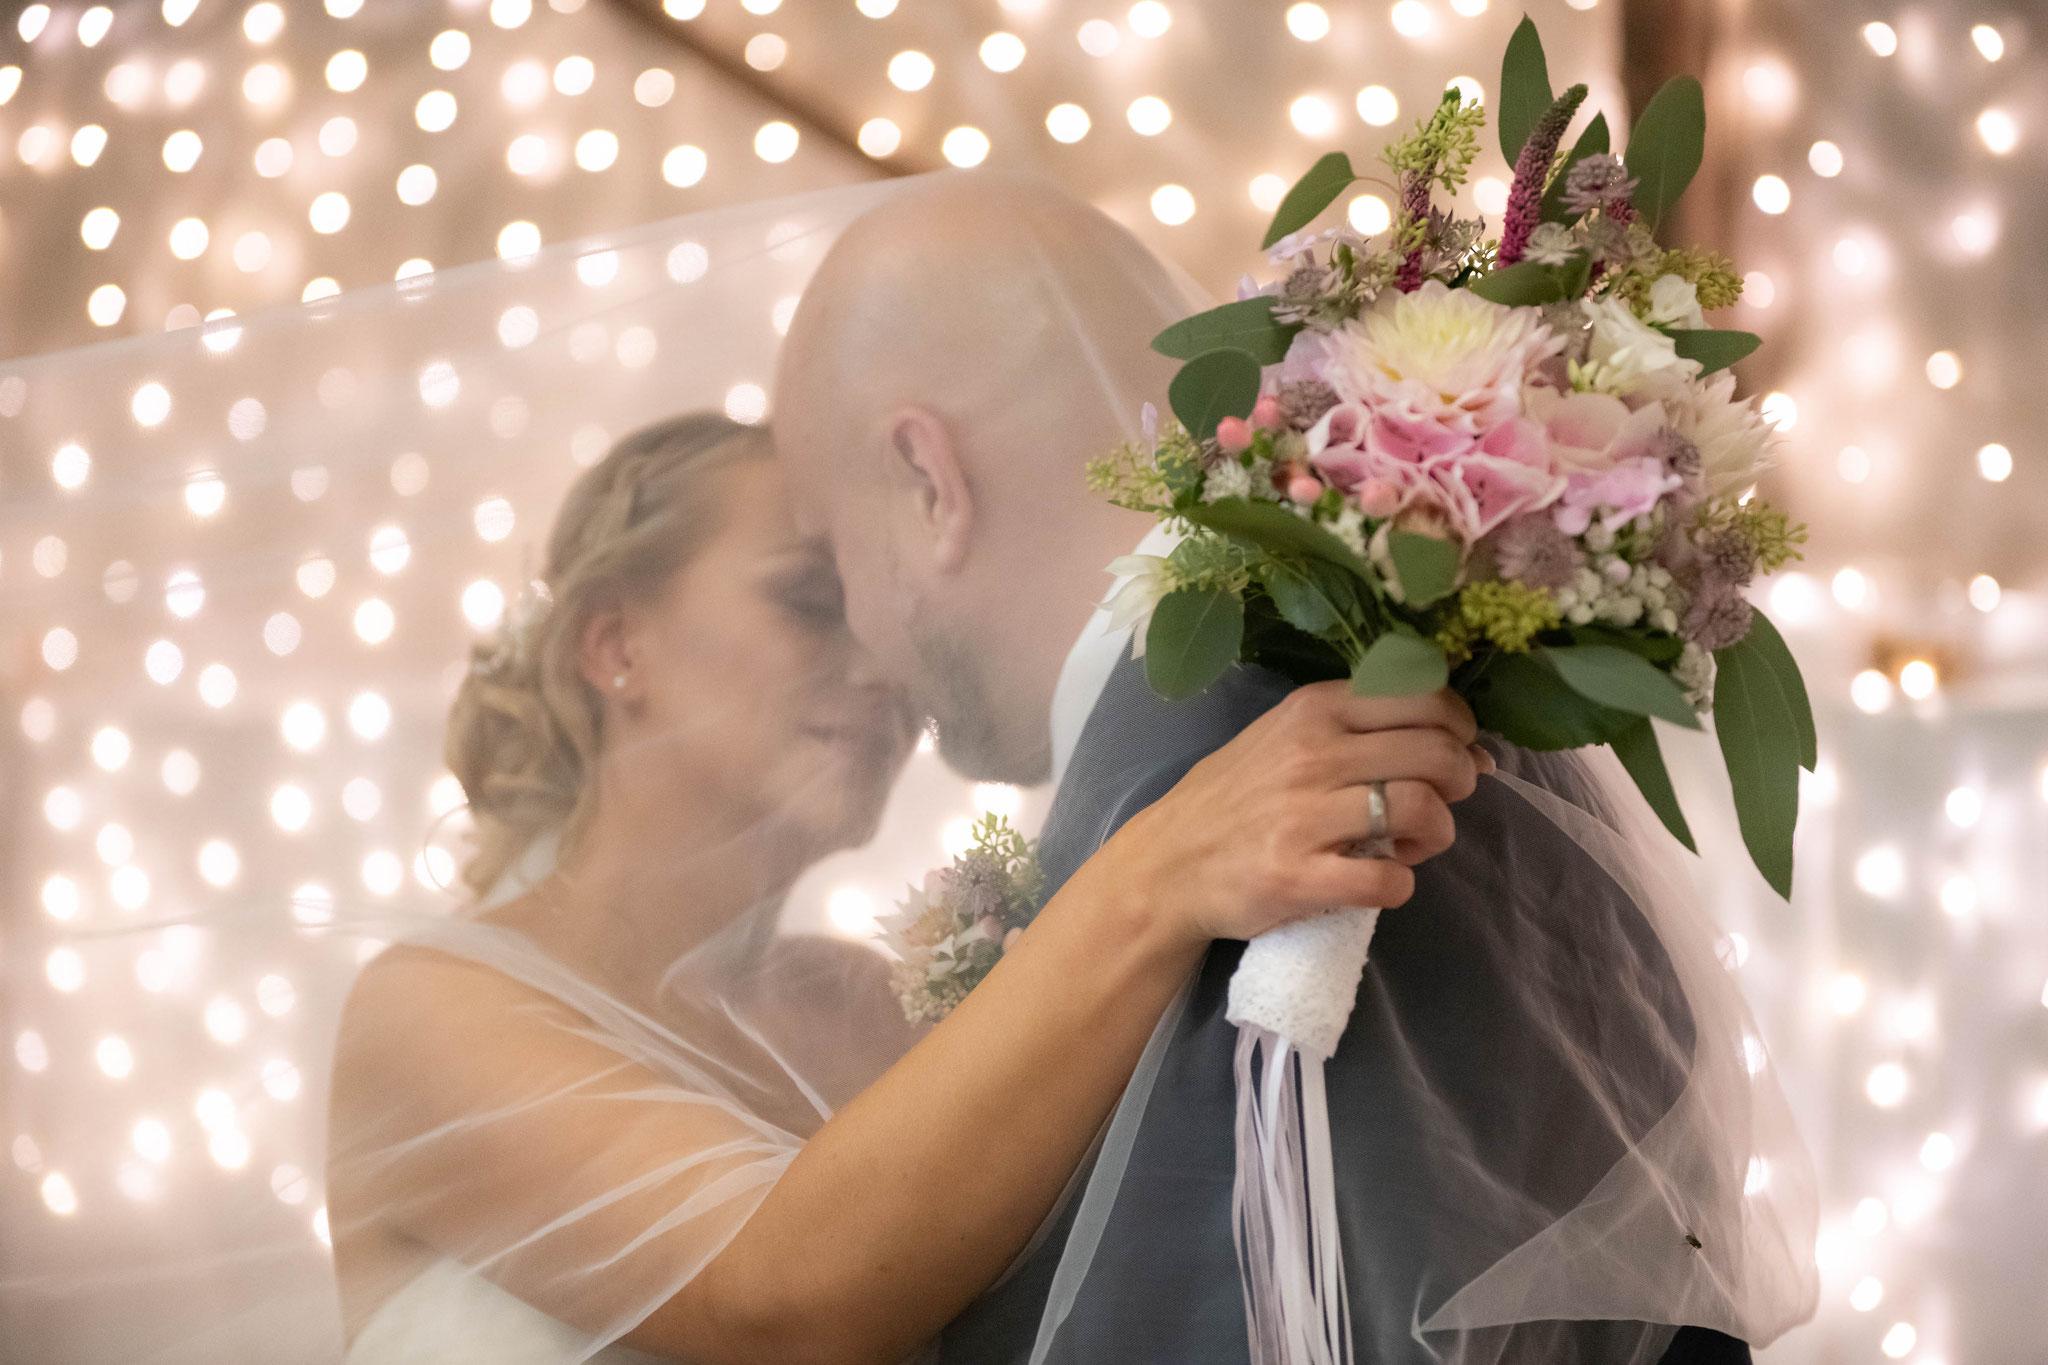 Fotograf für authentische und lebendige Hochzeitsfotos